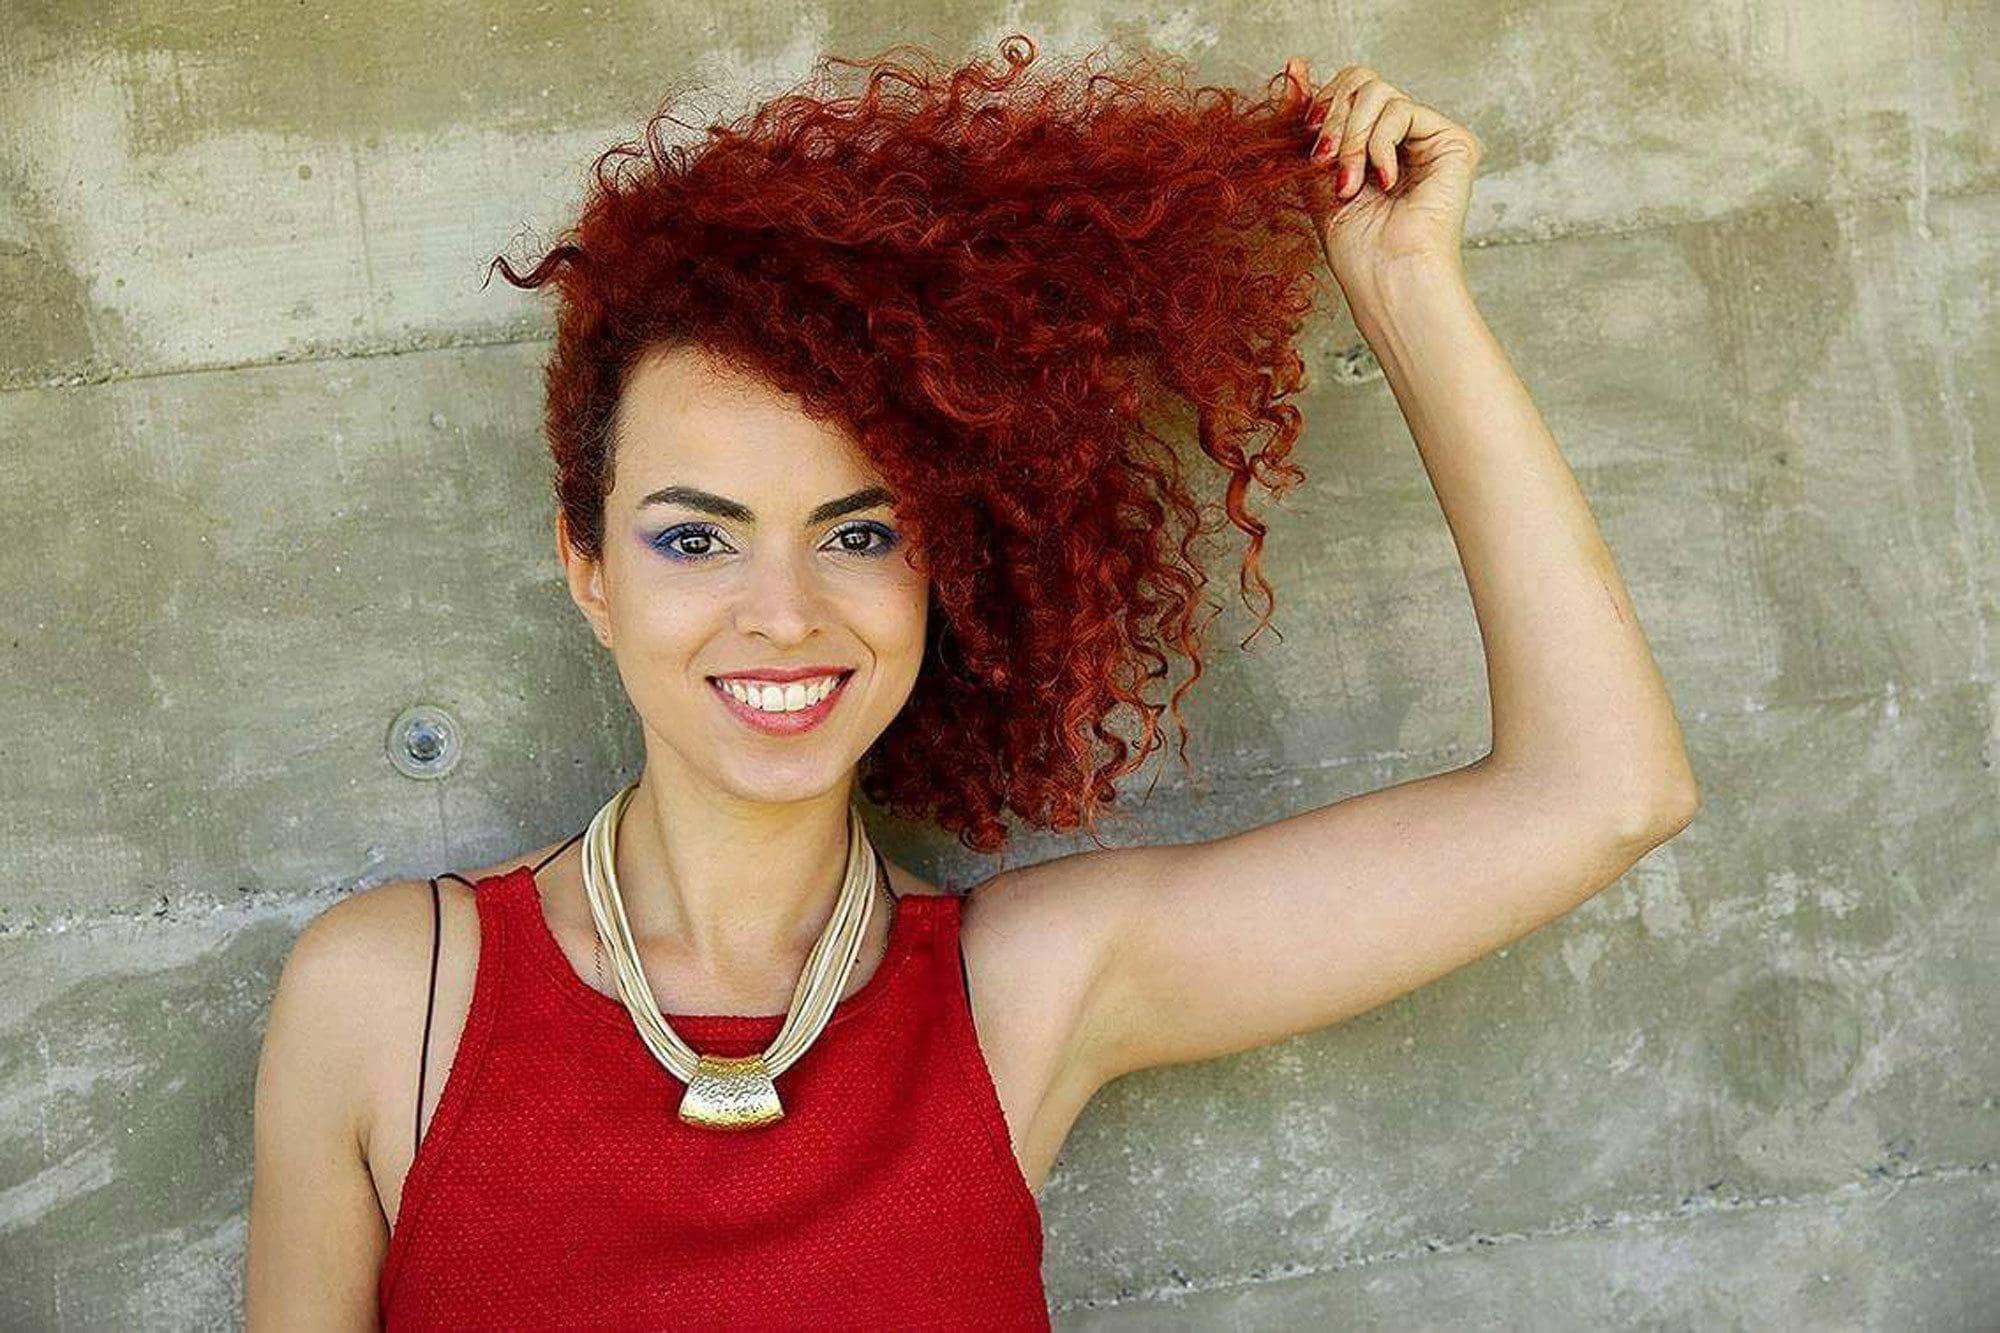 mulher ilustrando a matéria sobre a representatividade do cabelo crespo